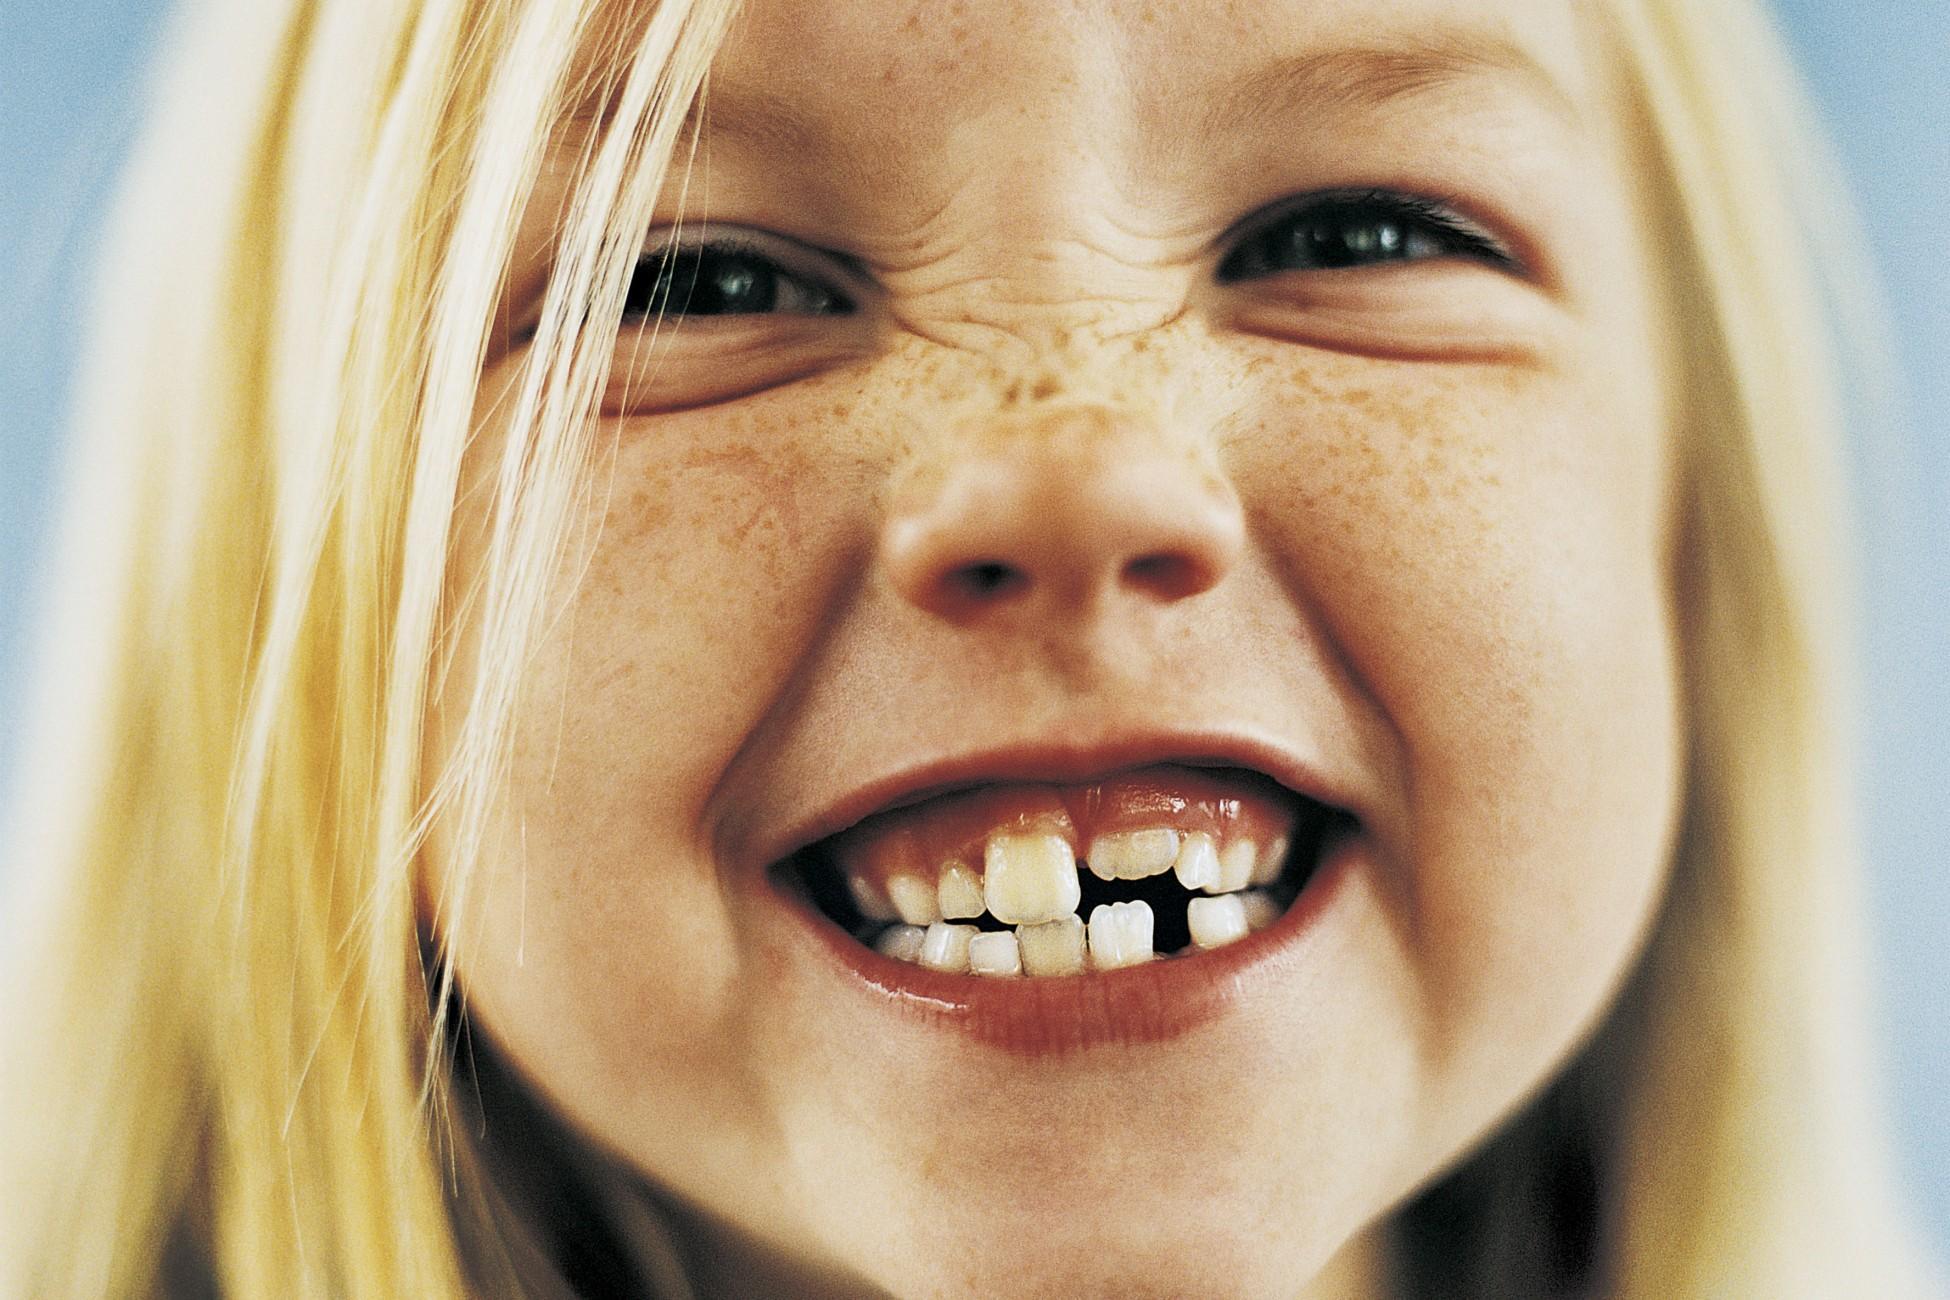 I bambini: i denti decidui o denti da latte